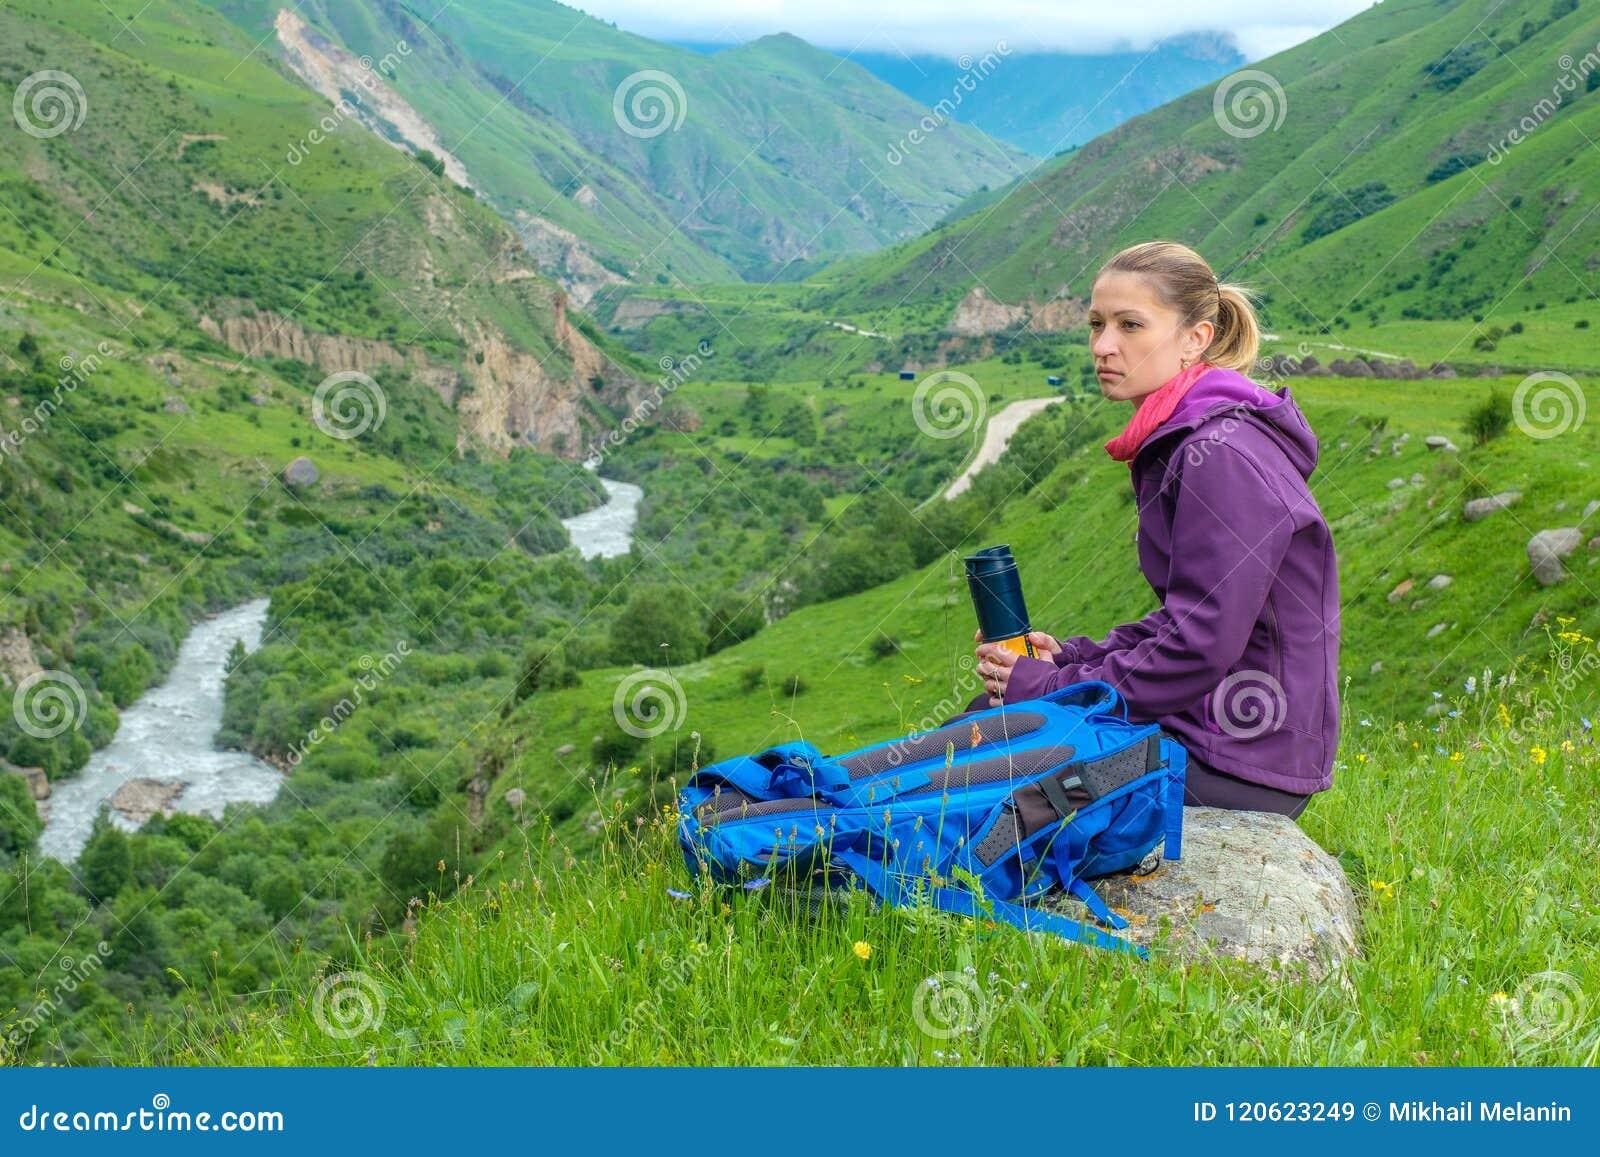 Девушка с рюкзаком в горах панорама